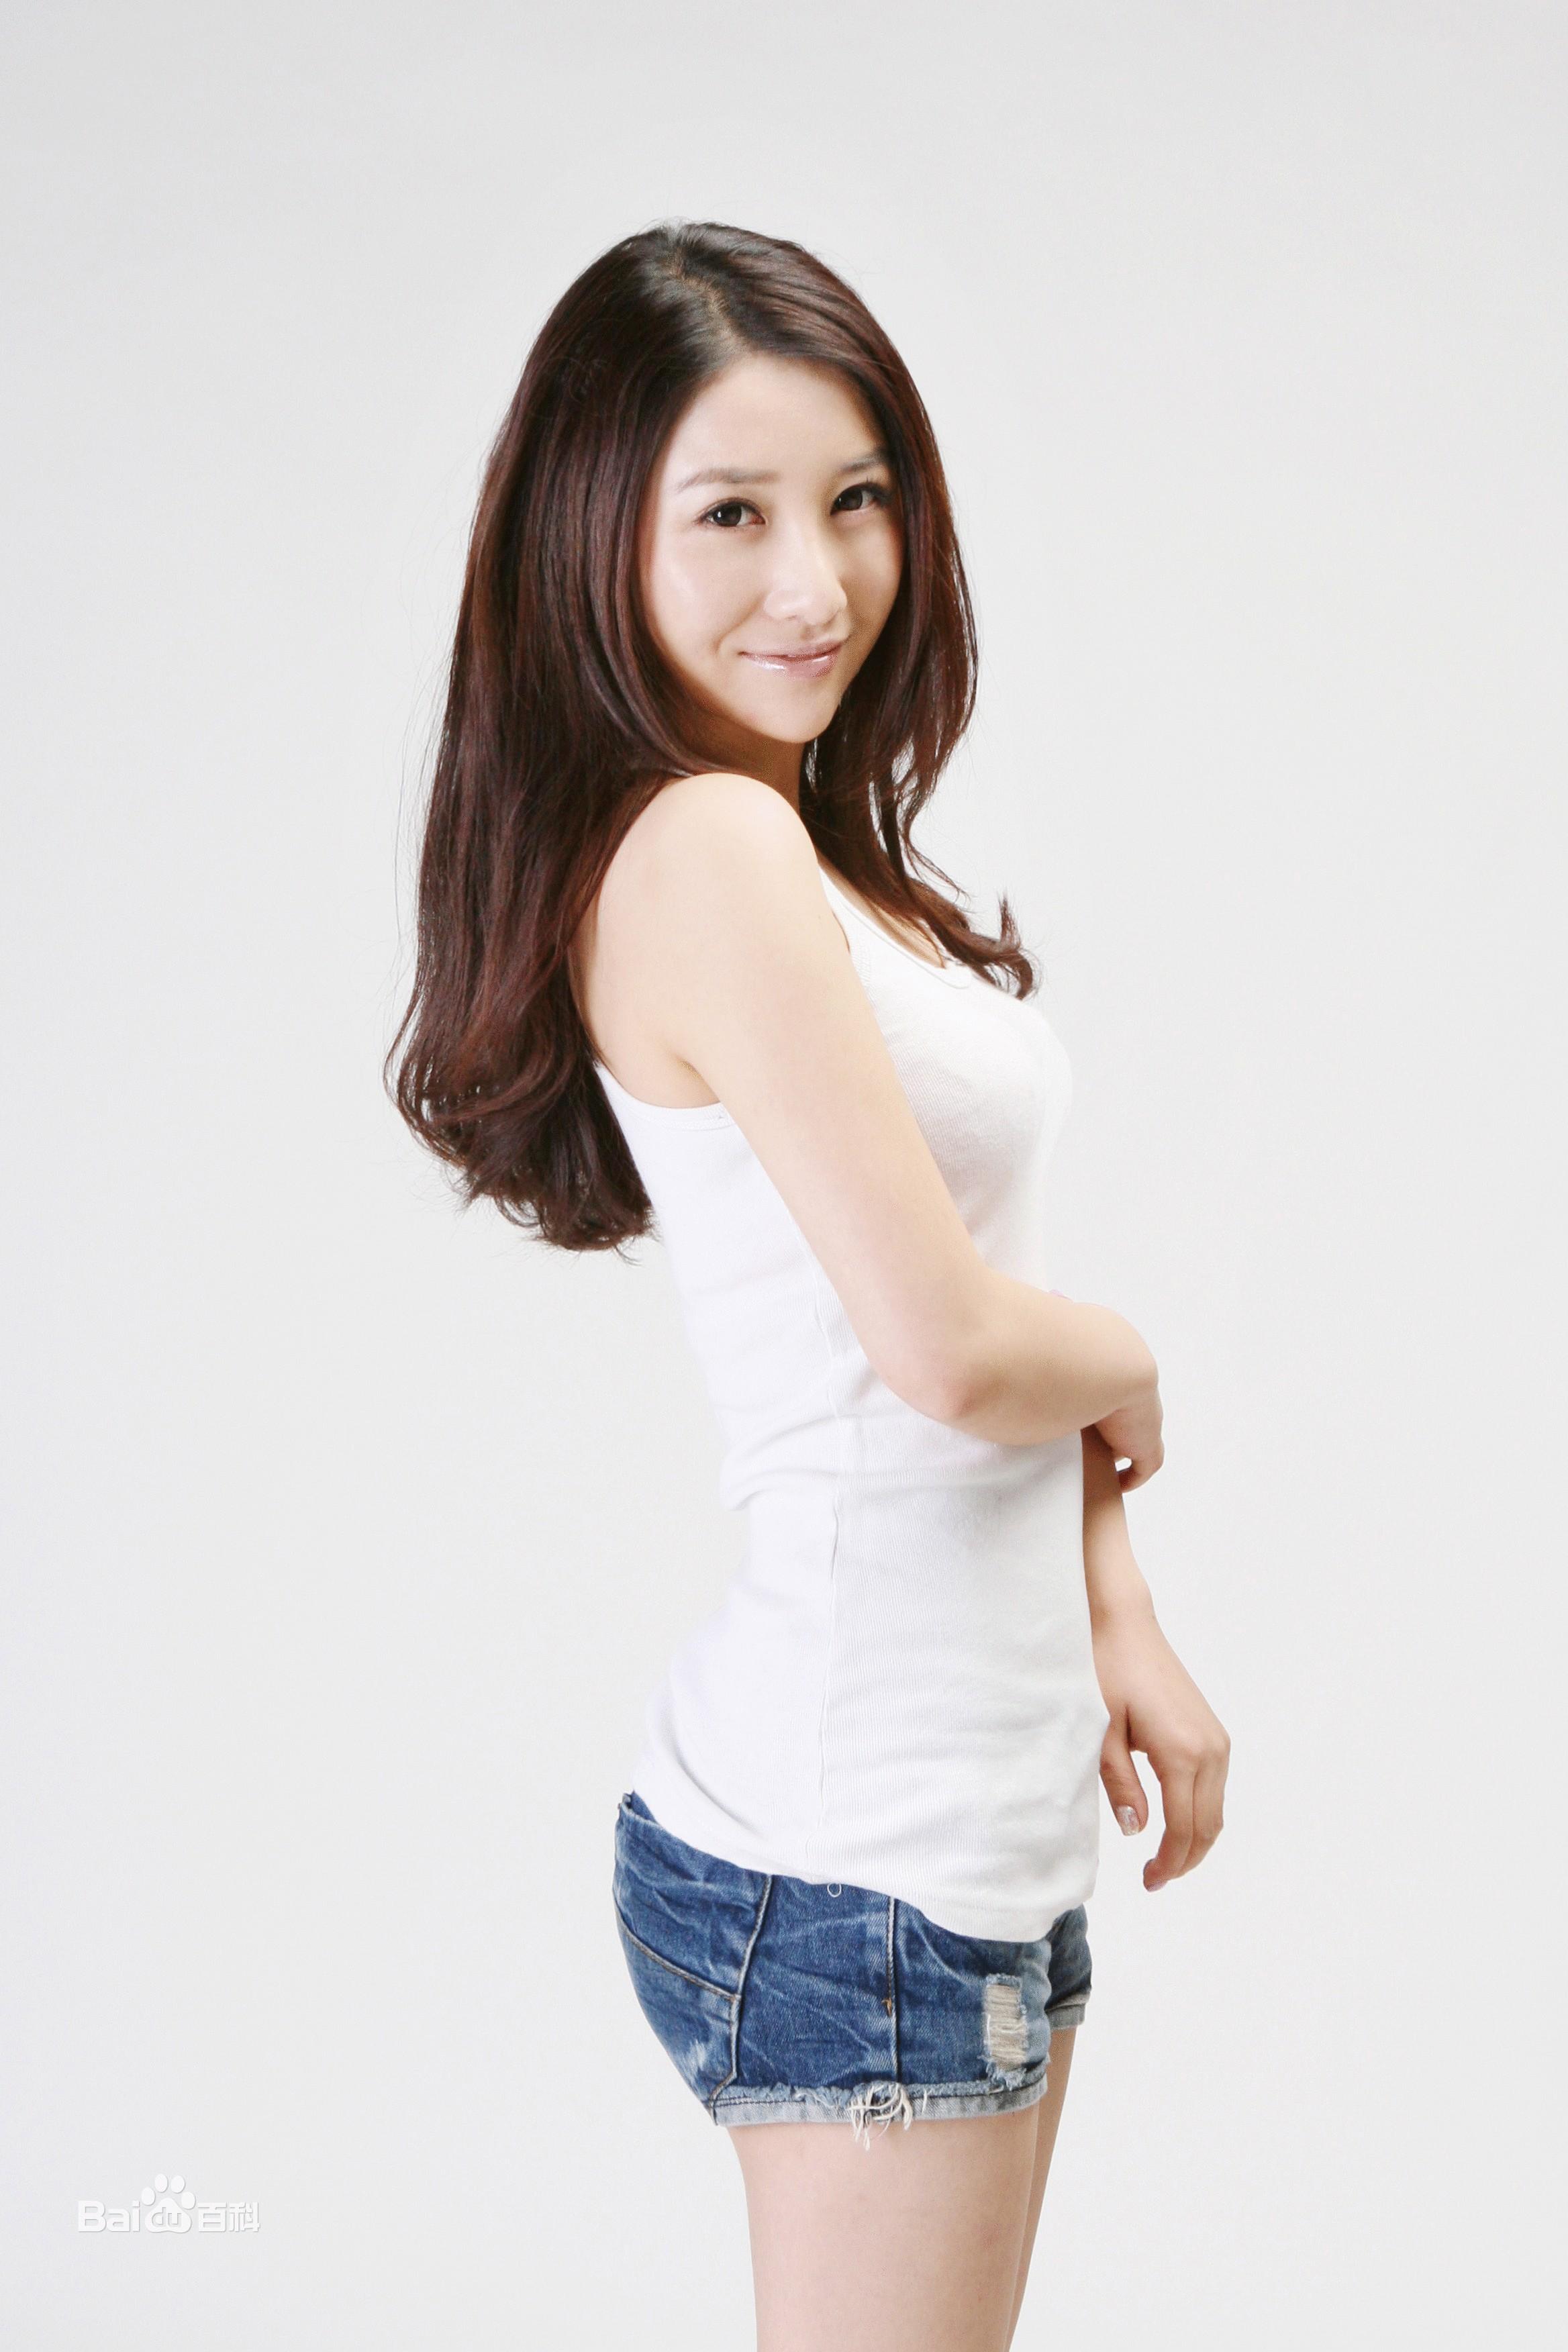 古筝,新生代女演员,是中国首个近景爆笑短播出剧《爱图片